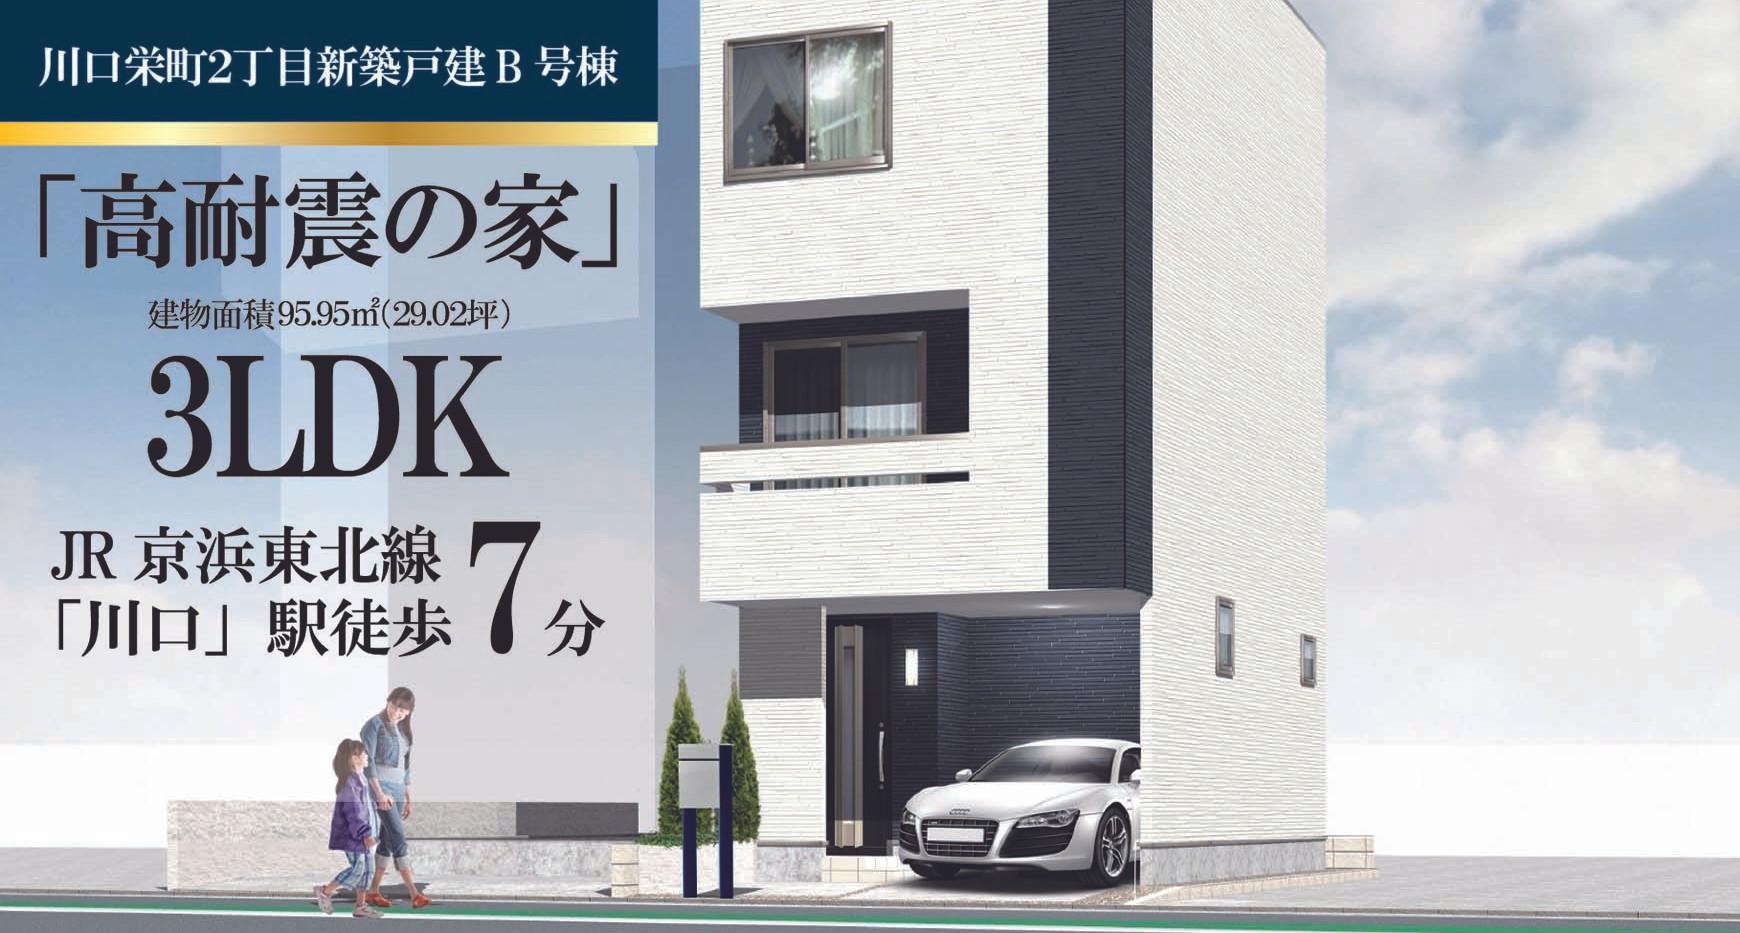 ギオンハウス川口栄町B棟建築パース.jpg